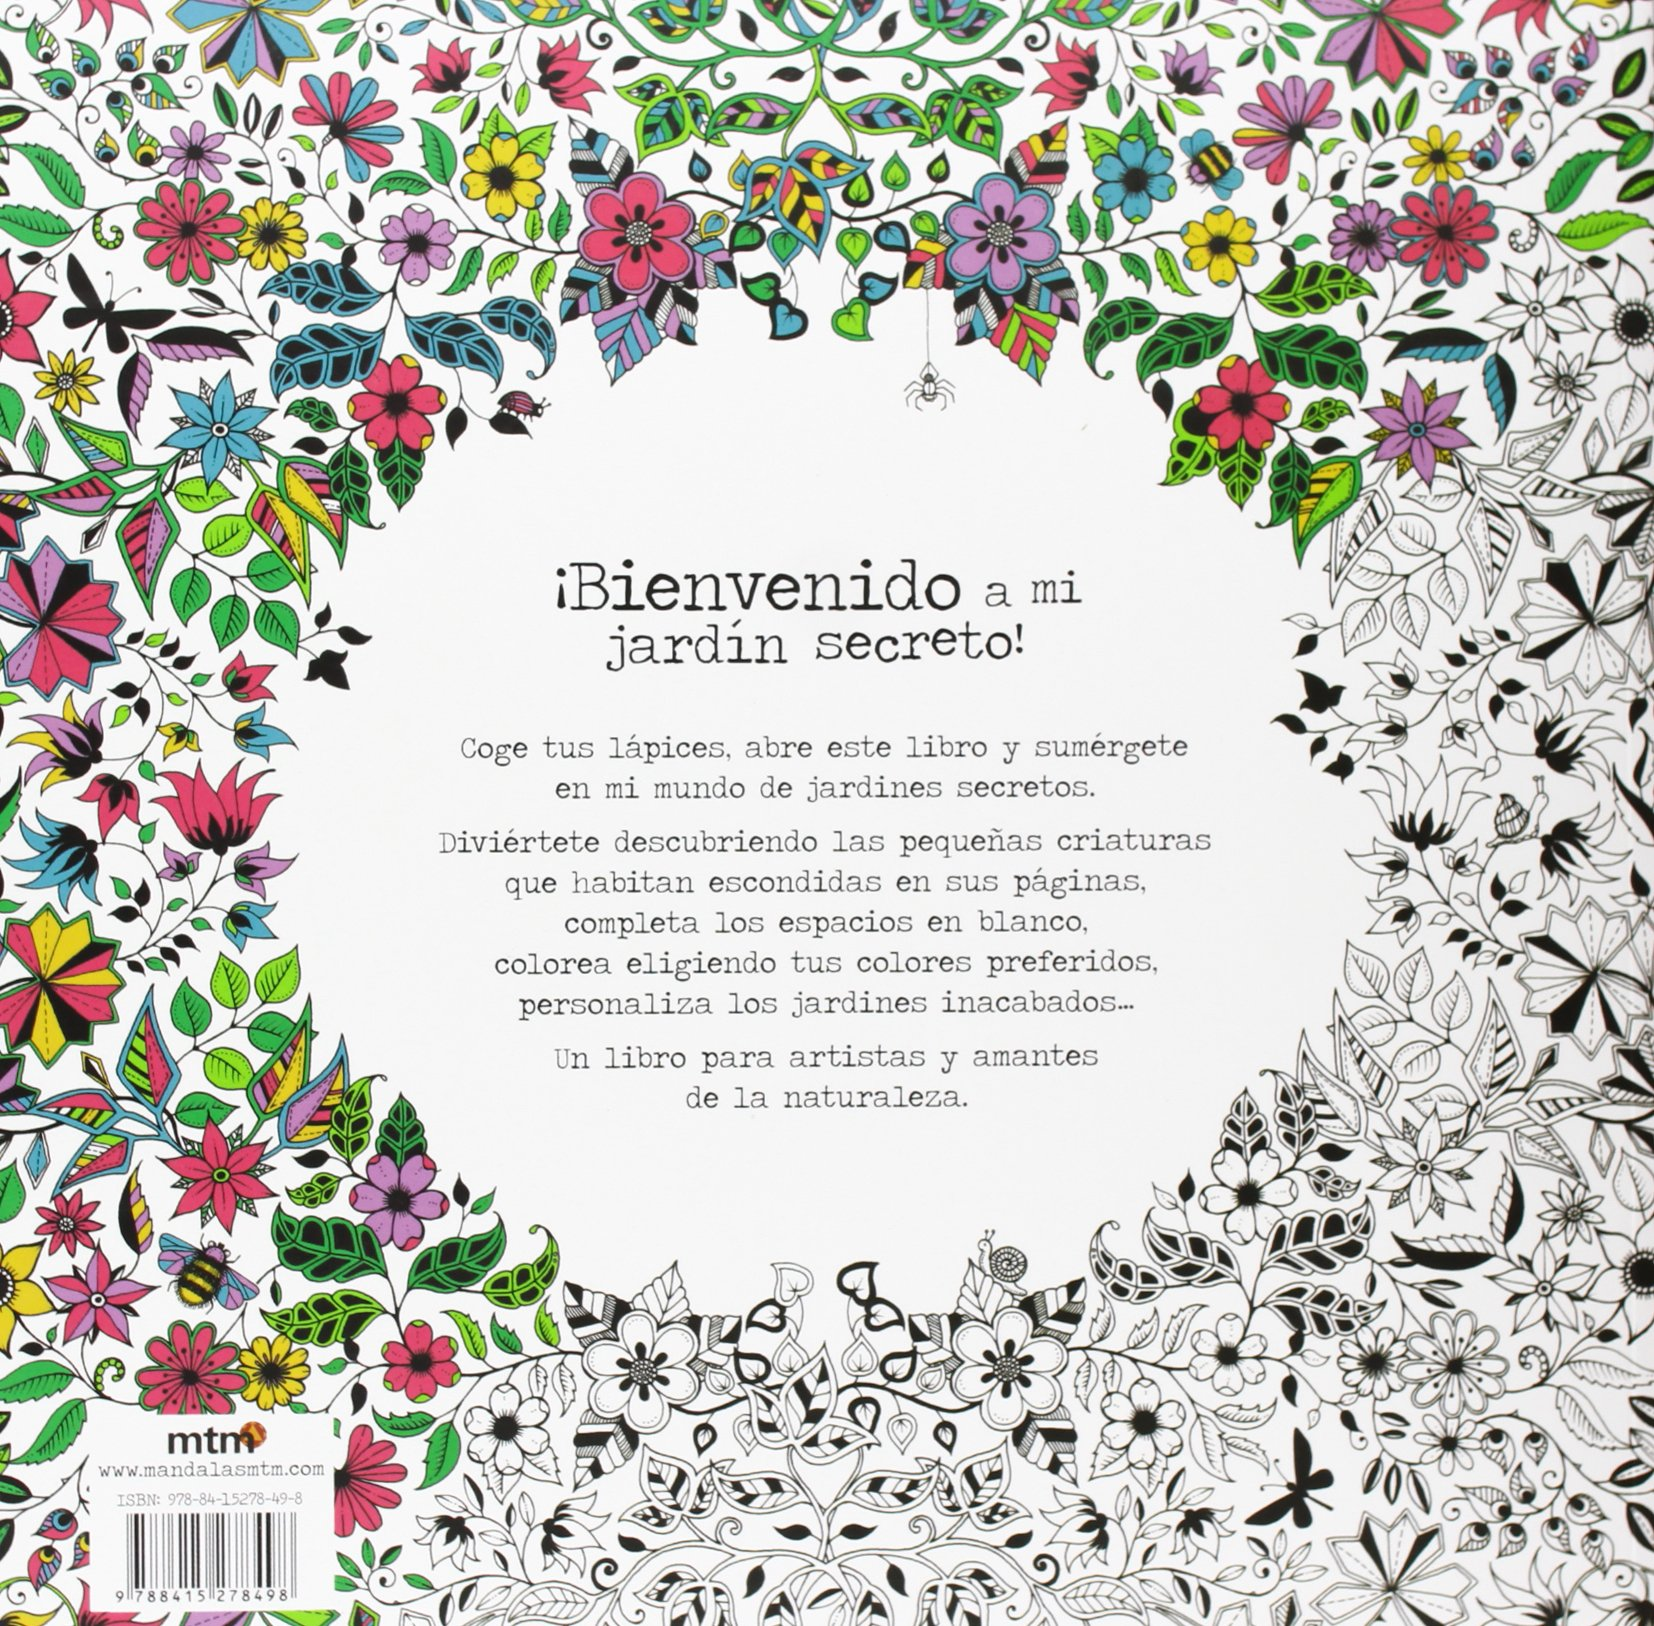 El jardín secreto: Colorea y encuentra los tesoros escondidos: Amazon.es: Basford, Johanna: Libros